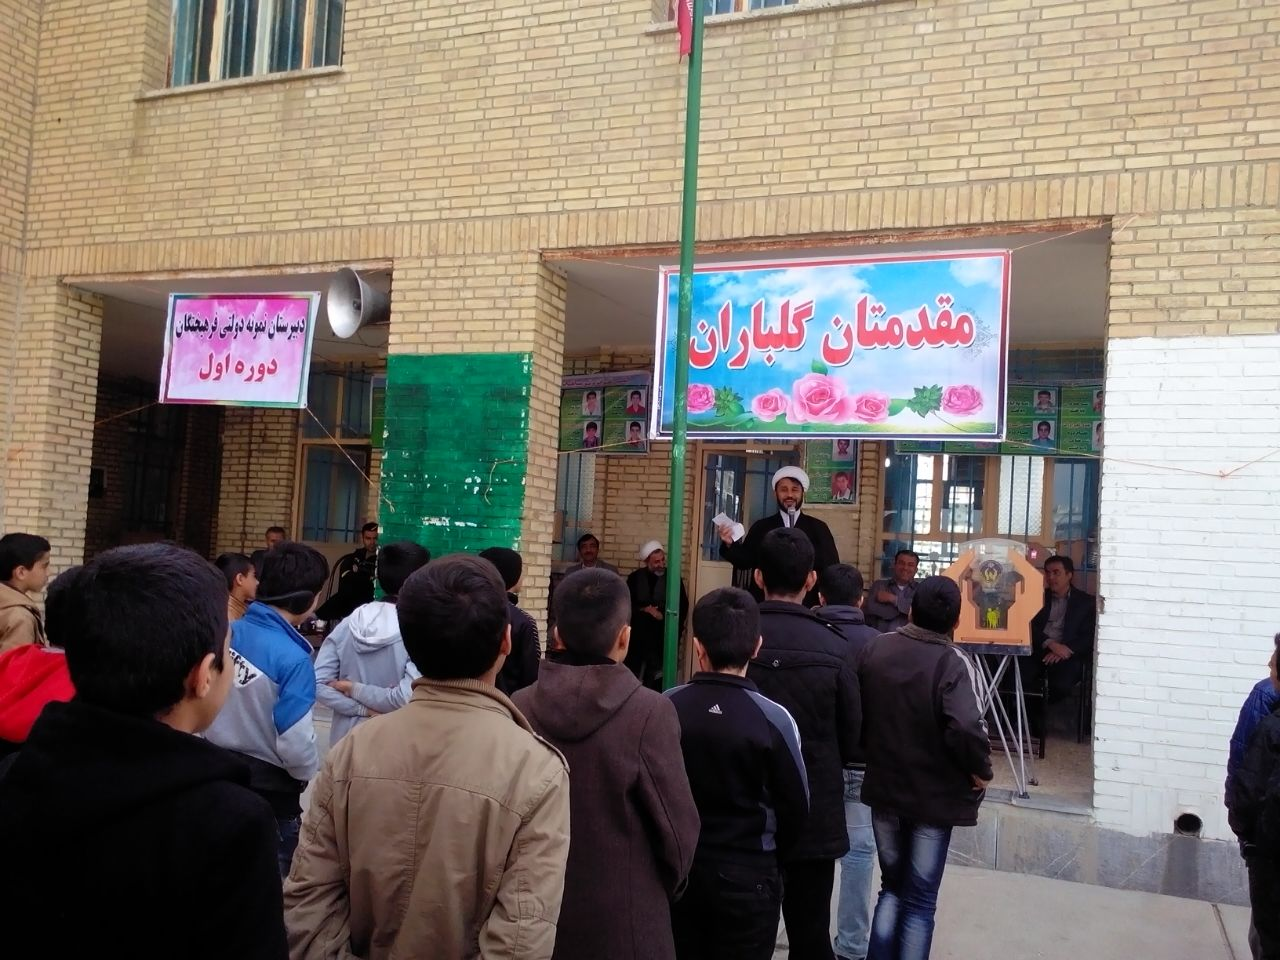 شور نیکوکاری در دبیرستان نمونه دولتی فرهیختگان+تصاویر